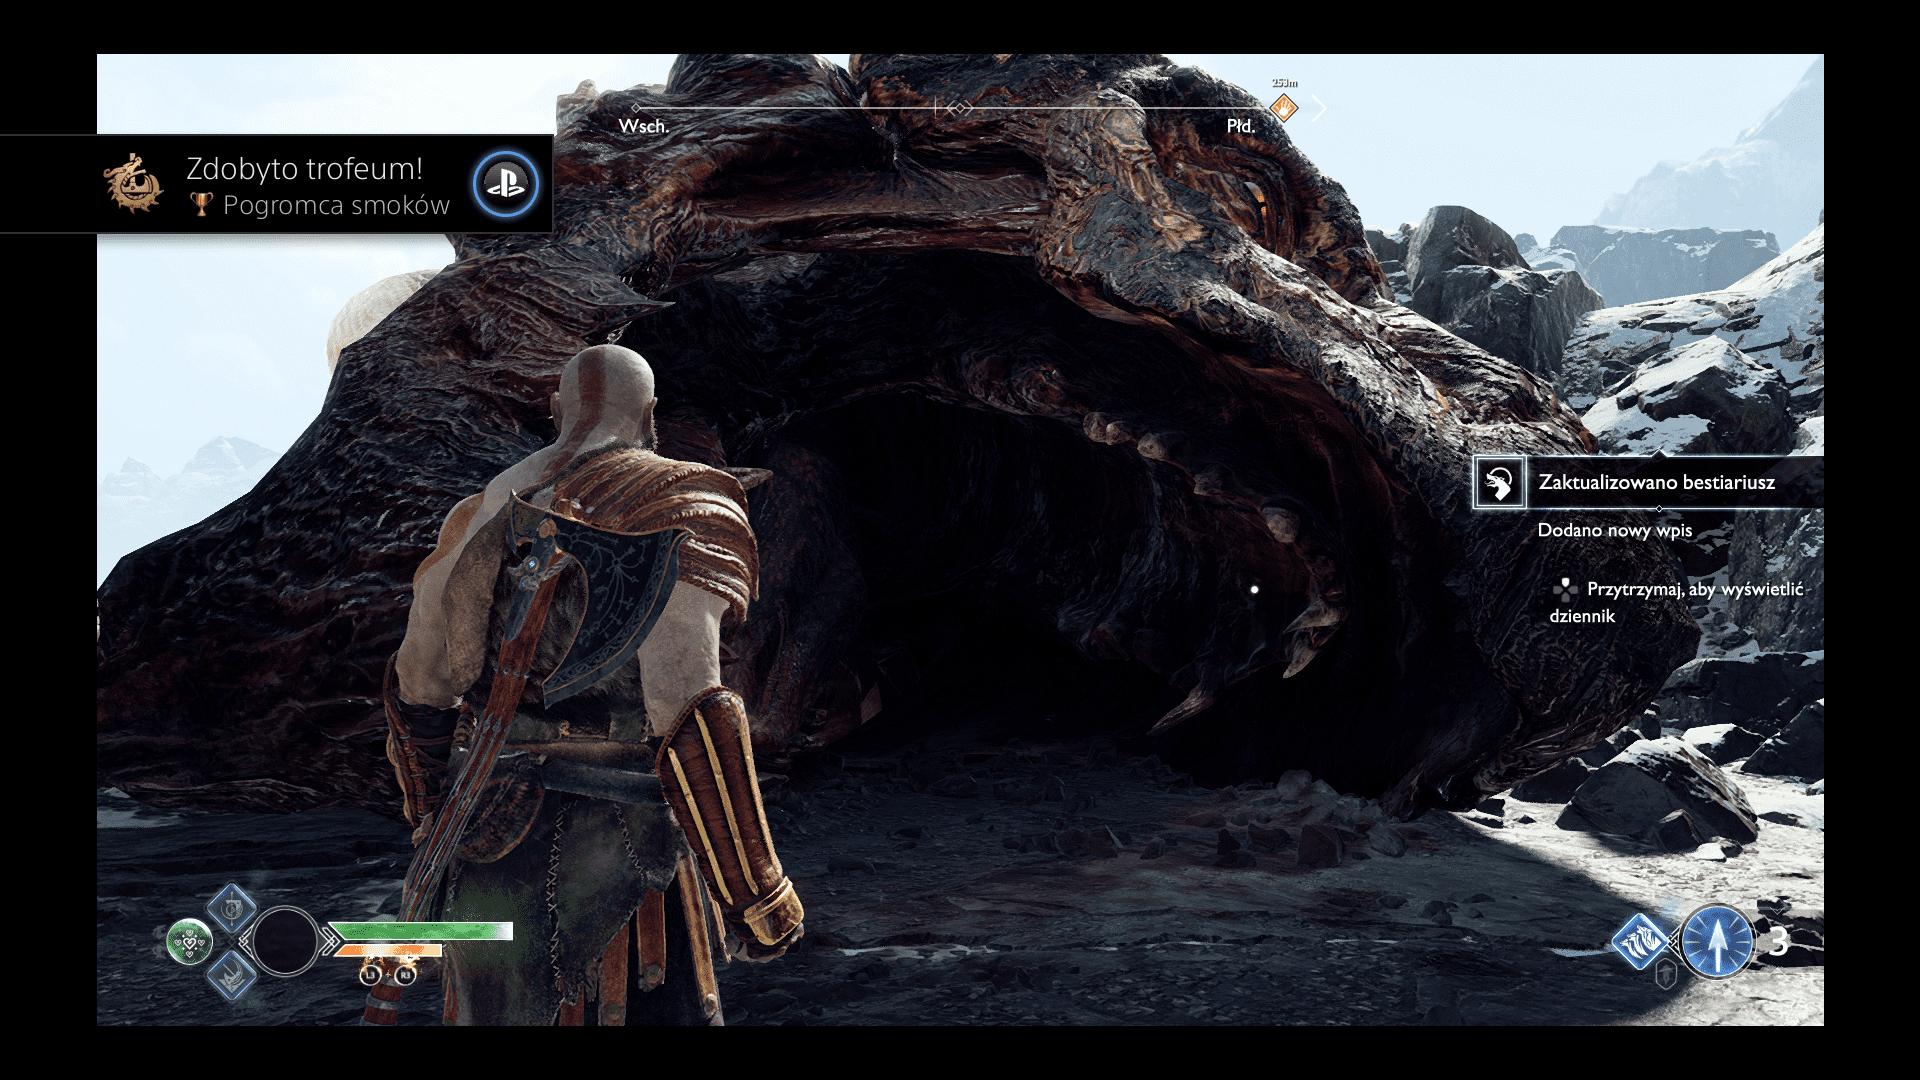 """God of War - recenzja gry gry-i-aplikacje recenzja gry God of War, PS4, God of War na PS4, God of War  """"Znajomość"""" z Kratosem rozpocząłem za czasów grania w dwie pierwsze odsłony God of War na PlayStation 2. Potem udało mi się ograć dwie edycje na PSP, zwieńczenie trylogii, ale odpuściłem wydane na siłę Wstąpienie. God of War 20180514122945"""